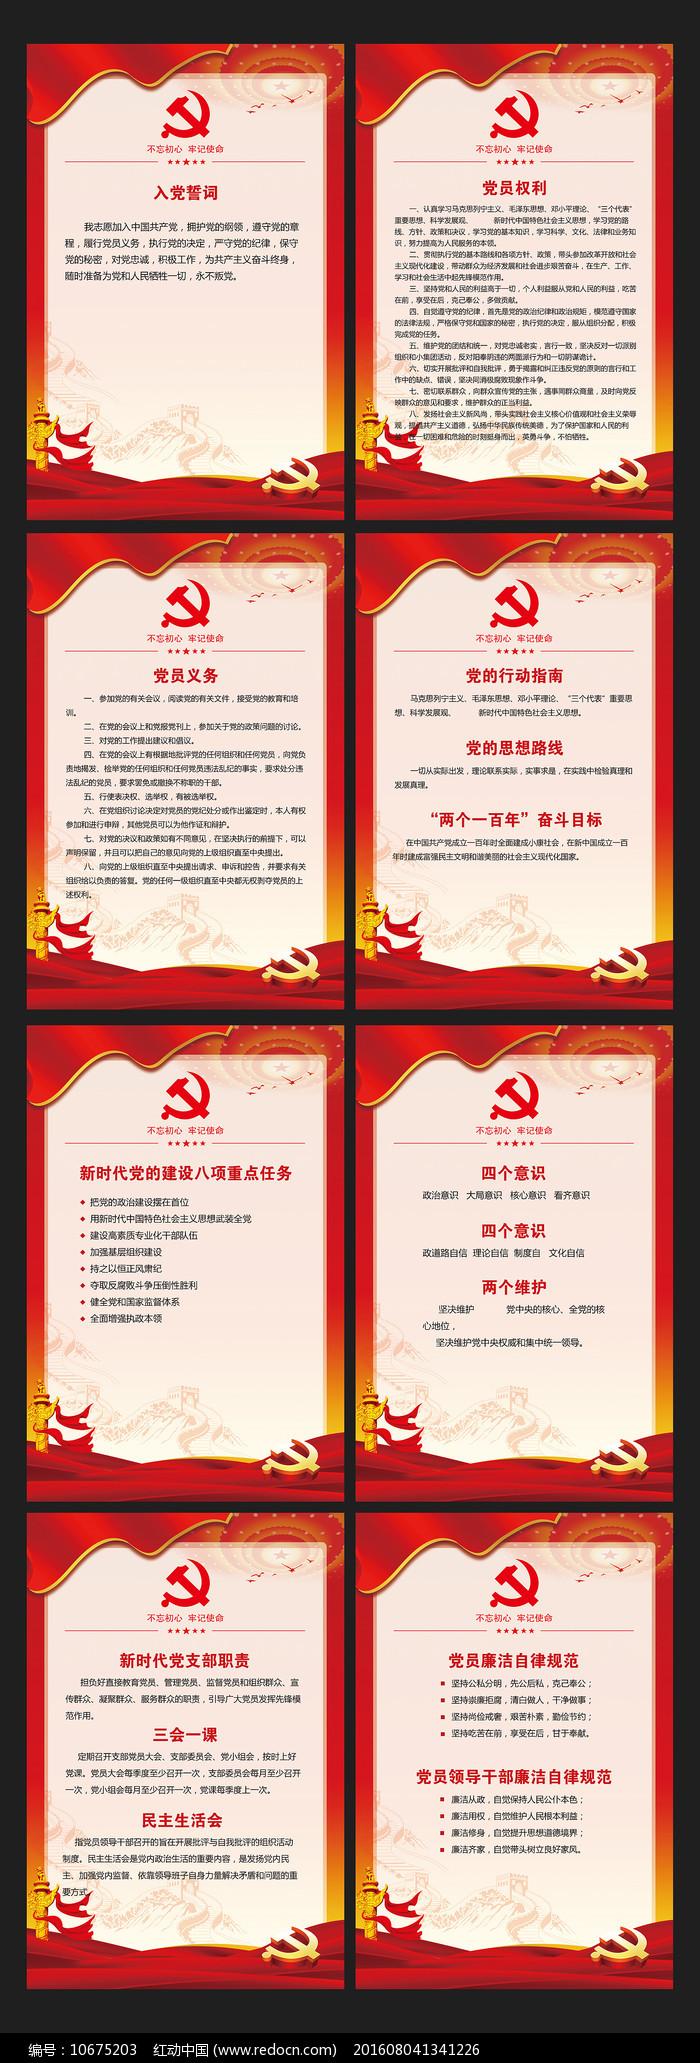 党建制度入党誓词党员活动室展板图片